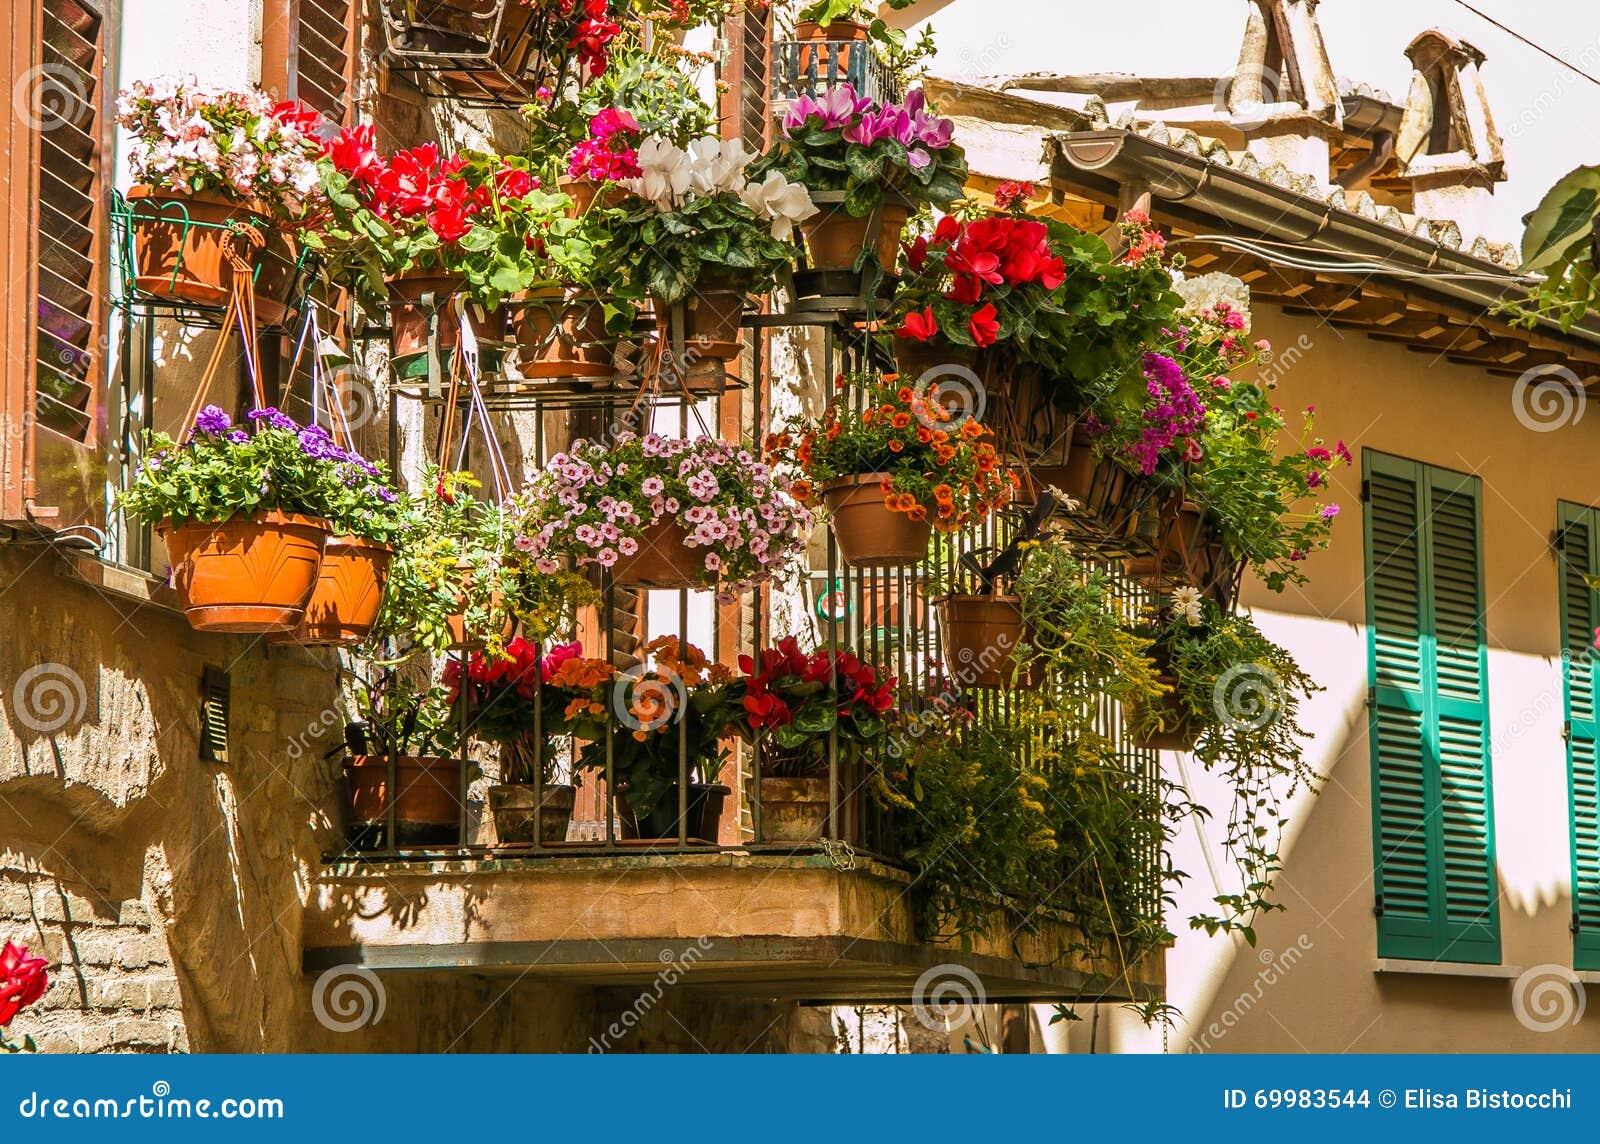 Tuinieren Op Balkon : Het romantische balkon bloemrijke tuinieren spello stock foto